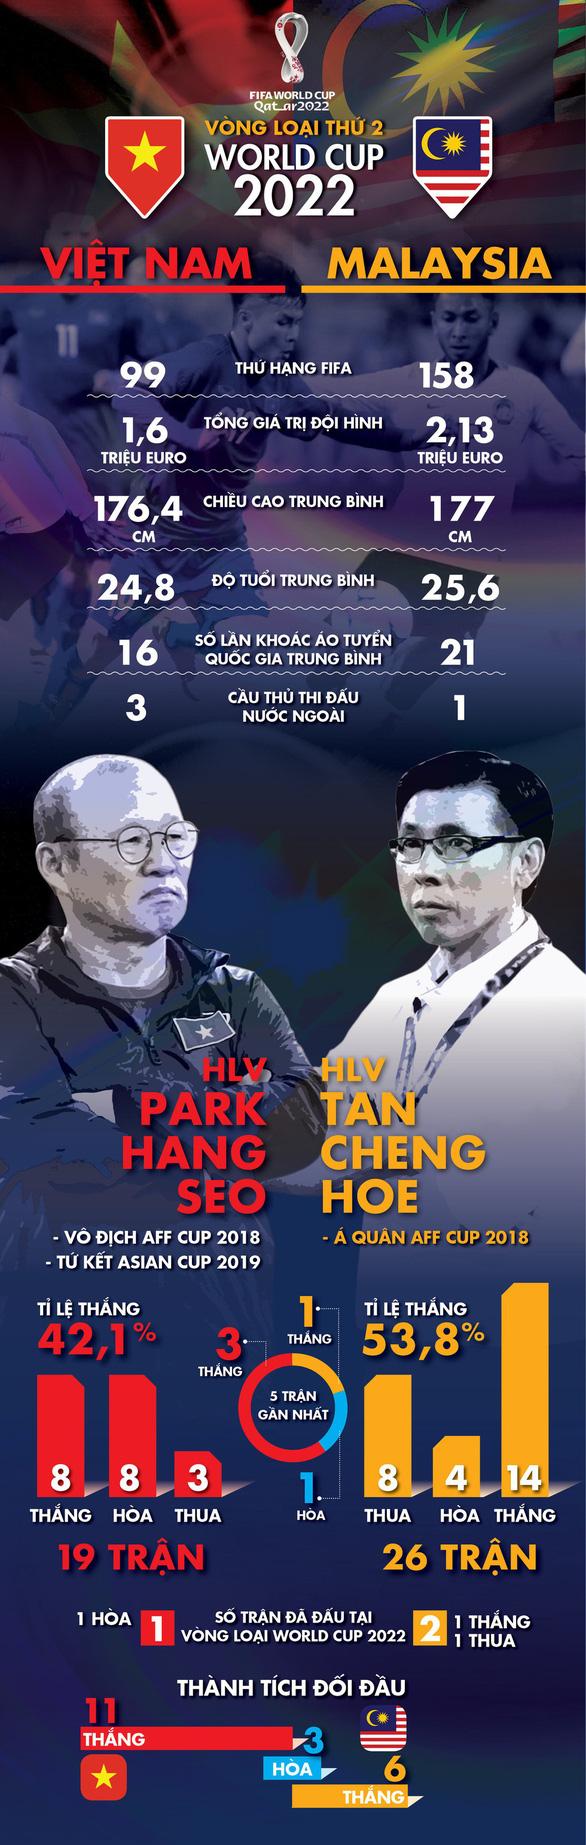 Tối nay 10-10, tuyển Việt Nam đánh bại Malaysia cách nào? - Ảnh 1.